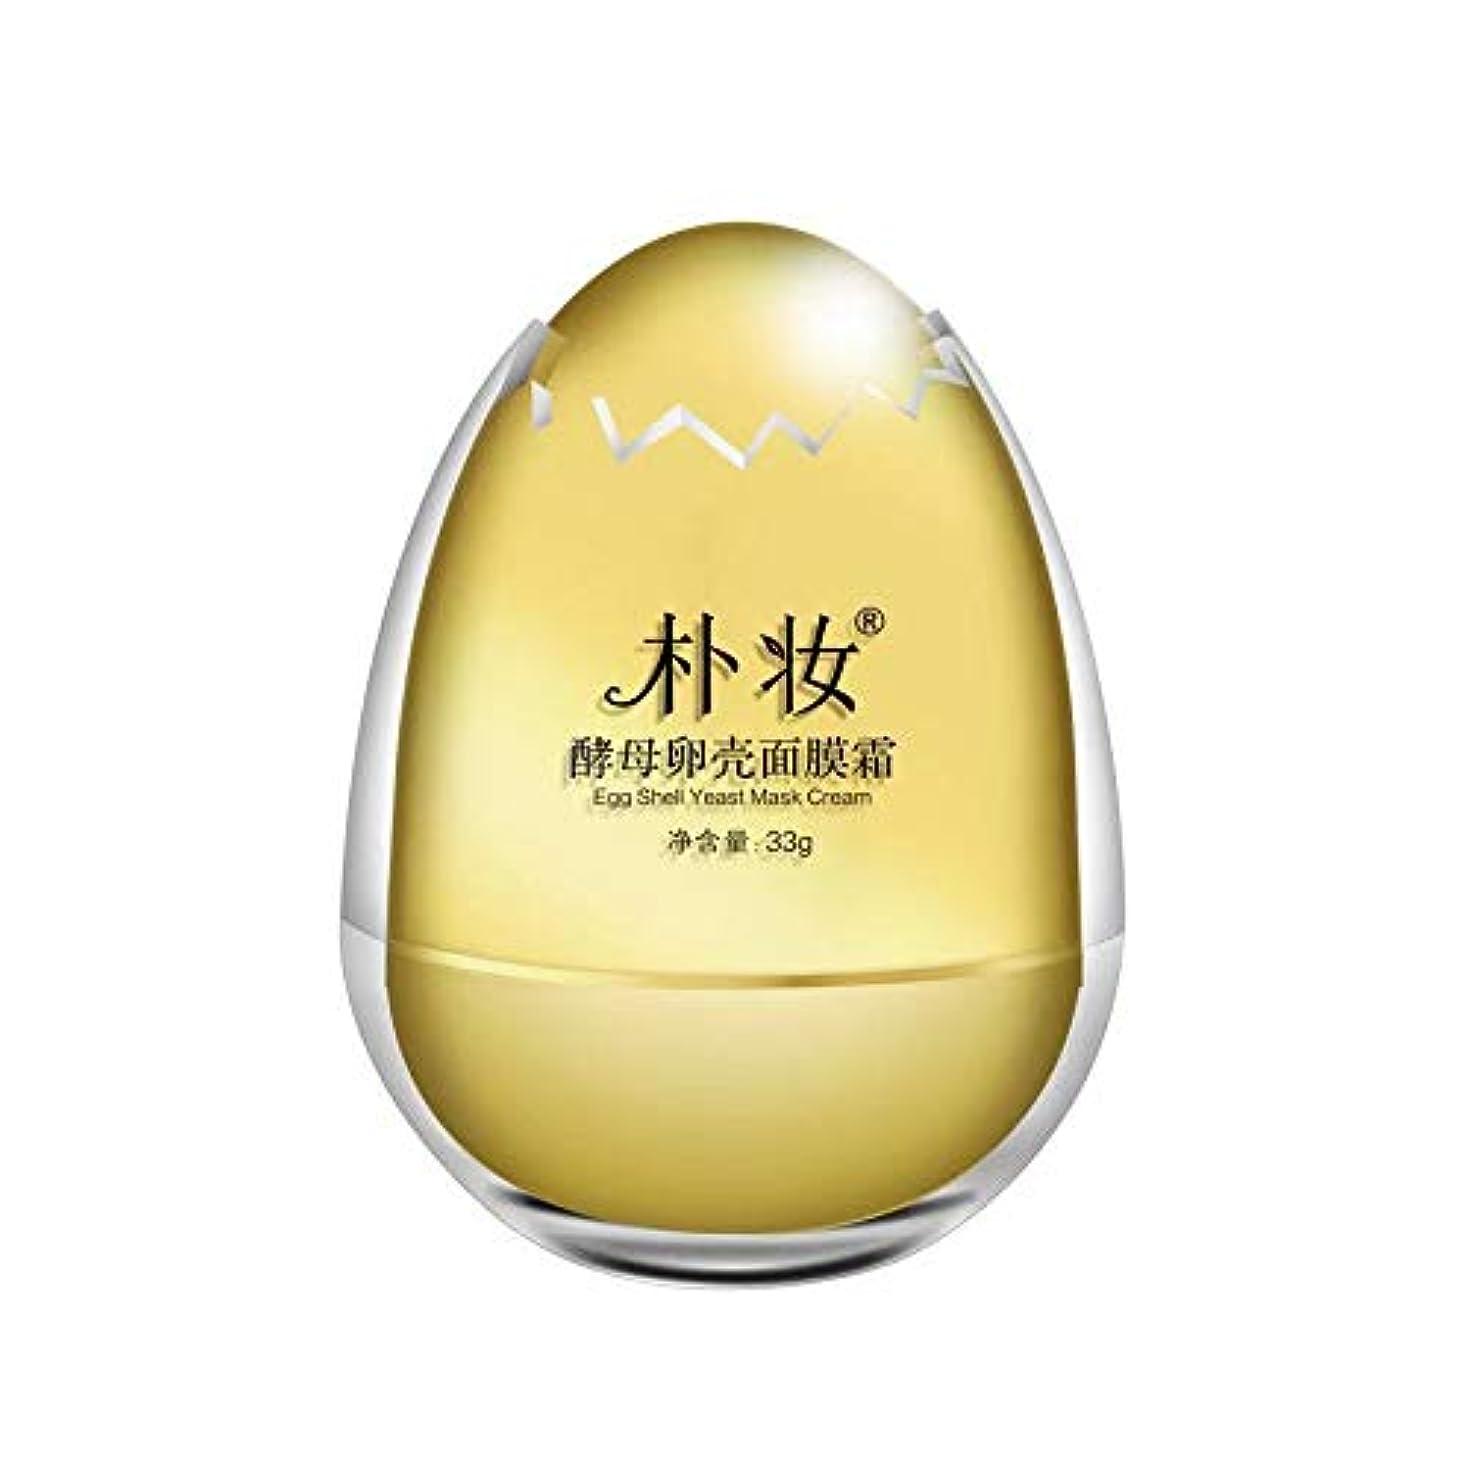 いじめっ子延期するより朴妆たんたんパック 酵母卵殻マスククリーム33g しっとりと た肌,シュリンクポア,しわ耐性,肌を引っ張る、